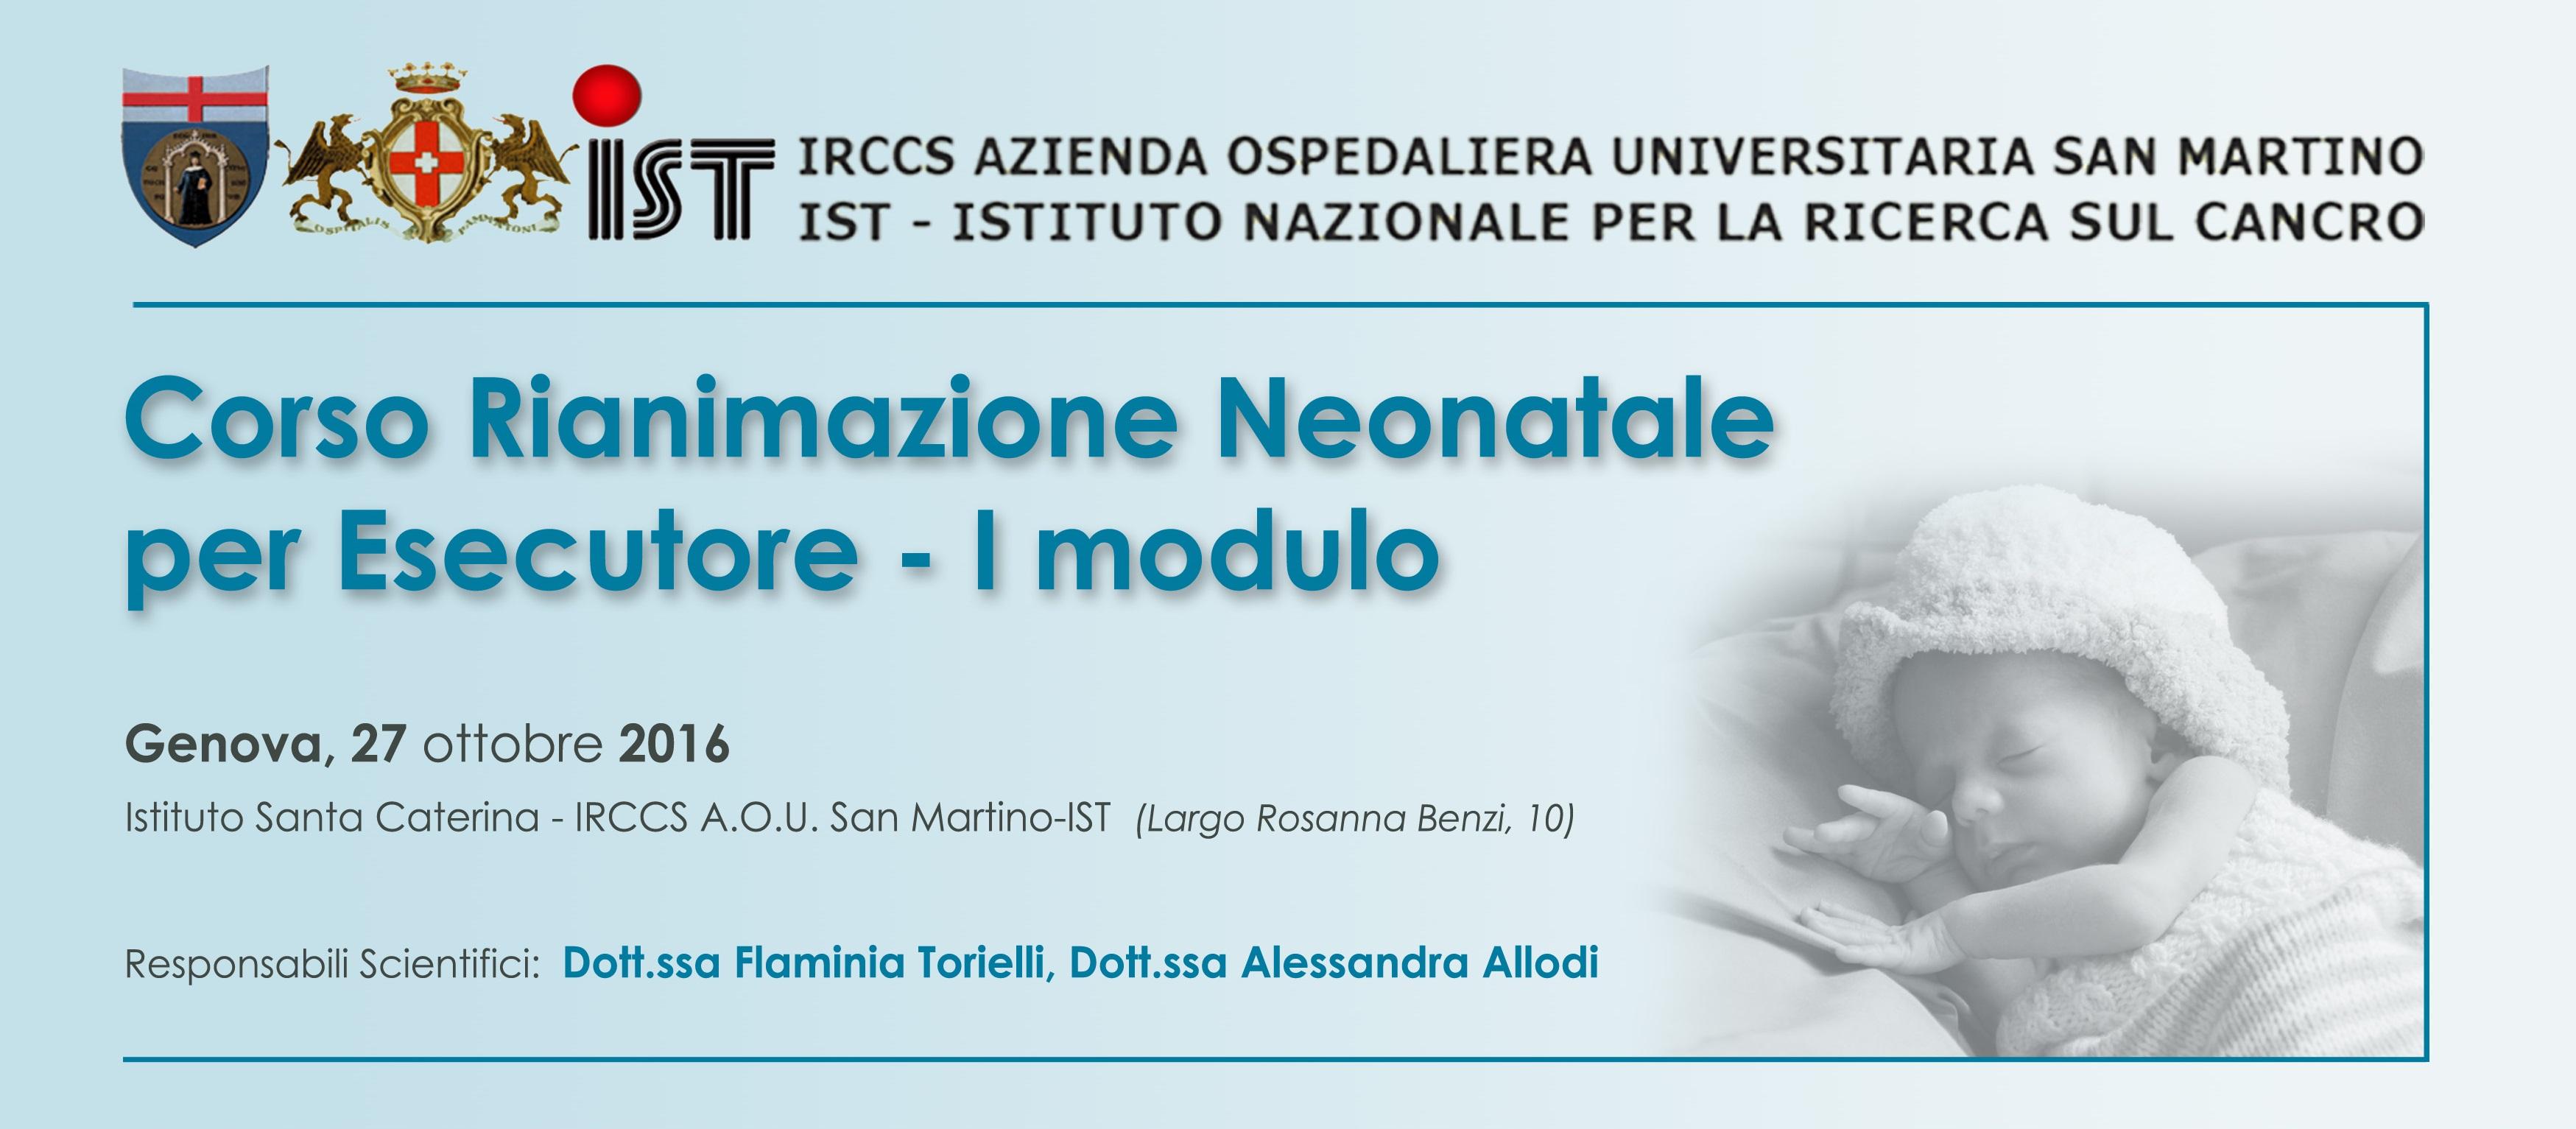 Corso di Rianimazione Neonatale con Simulazione ad alta Fedeltà - I modulo - Genova, 27 Ottobre 2016